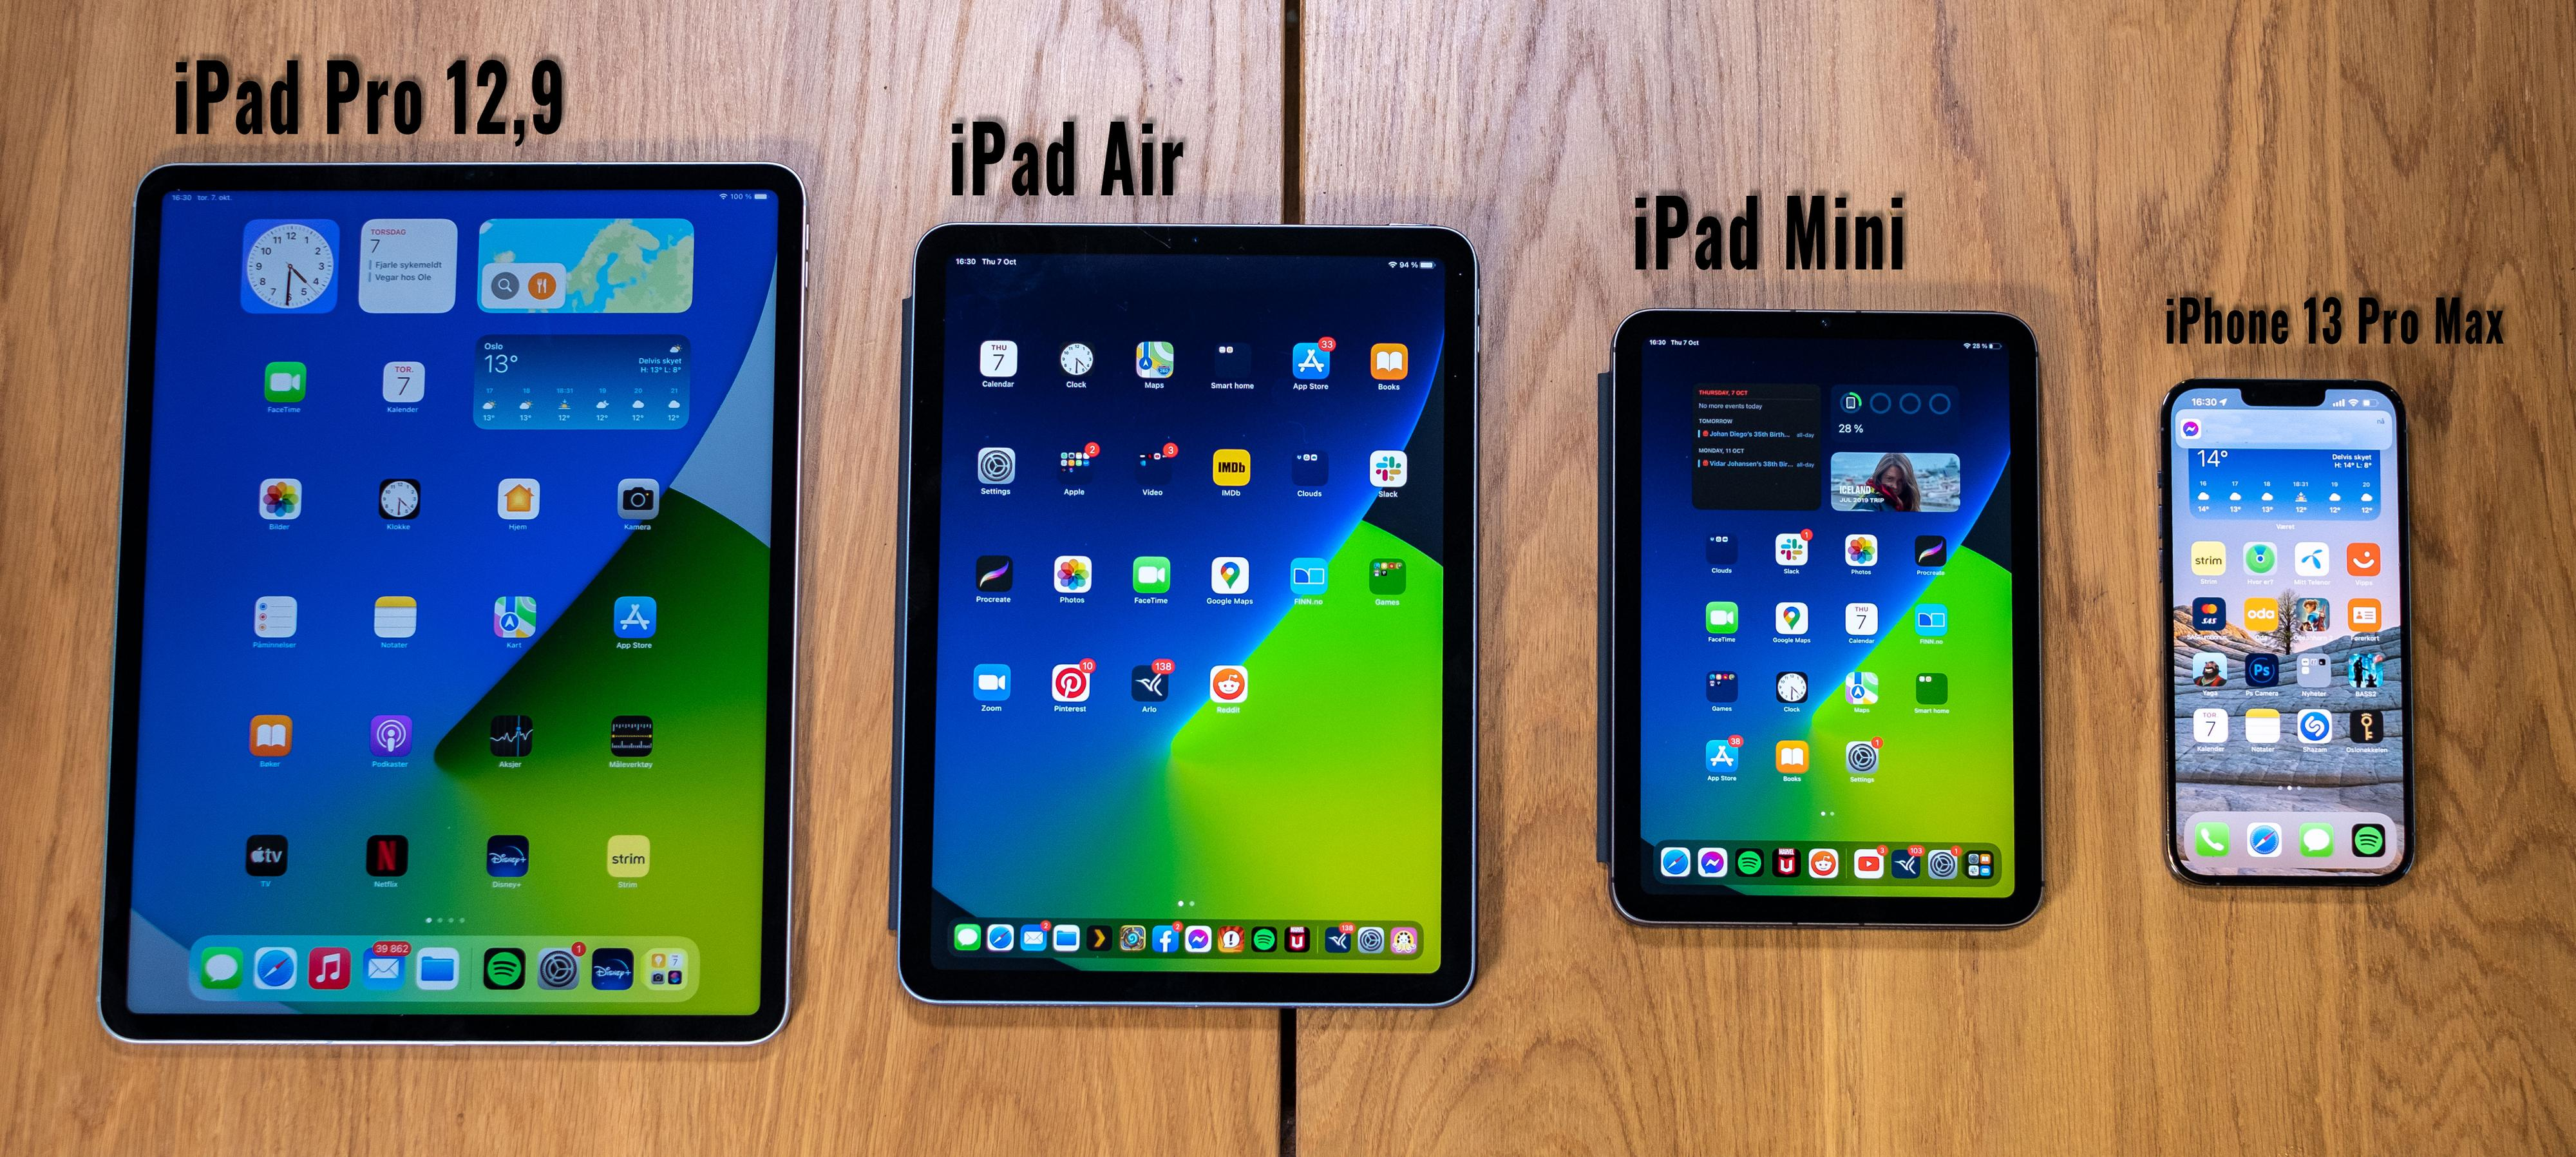 Det er ikke veldig stor forskjell på skjermstørrelsene på iPad Mini og iPhone 13 Pro Max, men likevel er grensesnittet ganske annerledes.